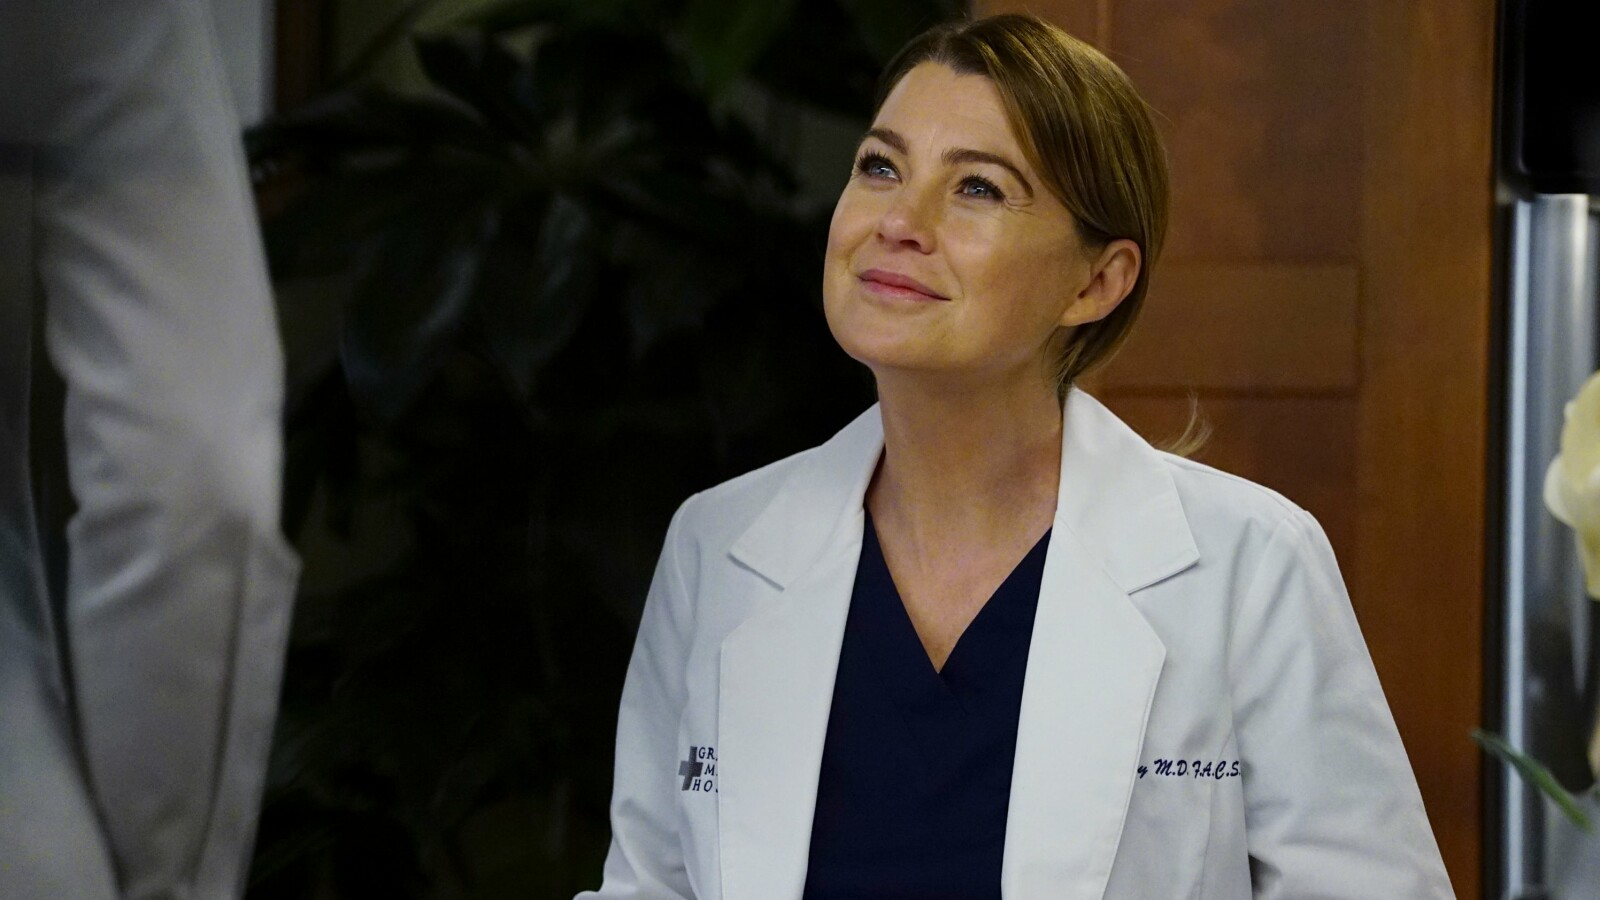 Grey\'s Anatomy: Staffel 15 dreht sich um die Liebe - NETZWELT